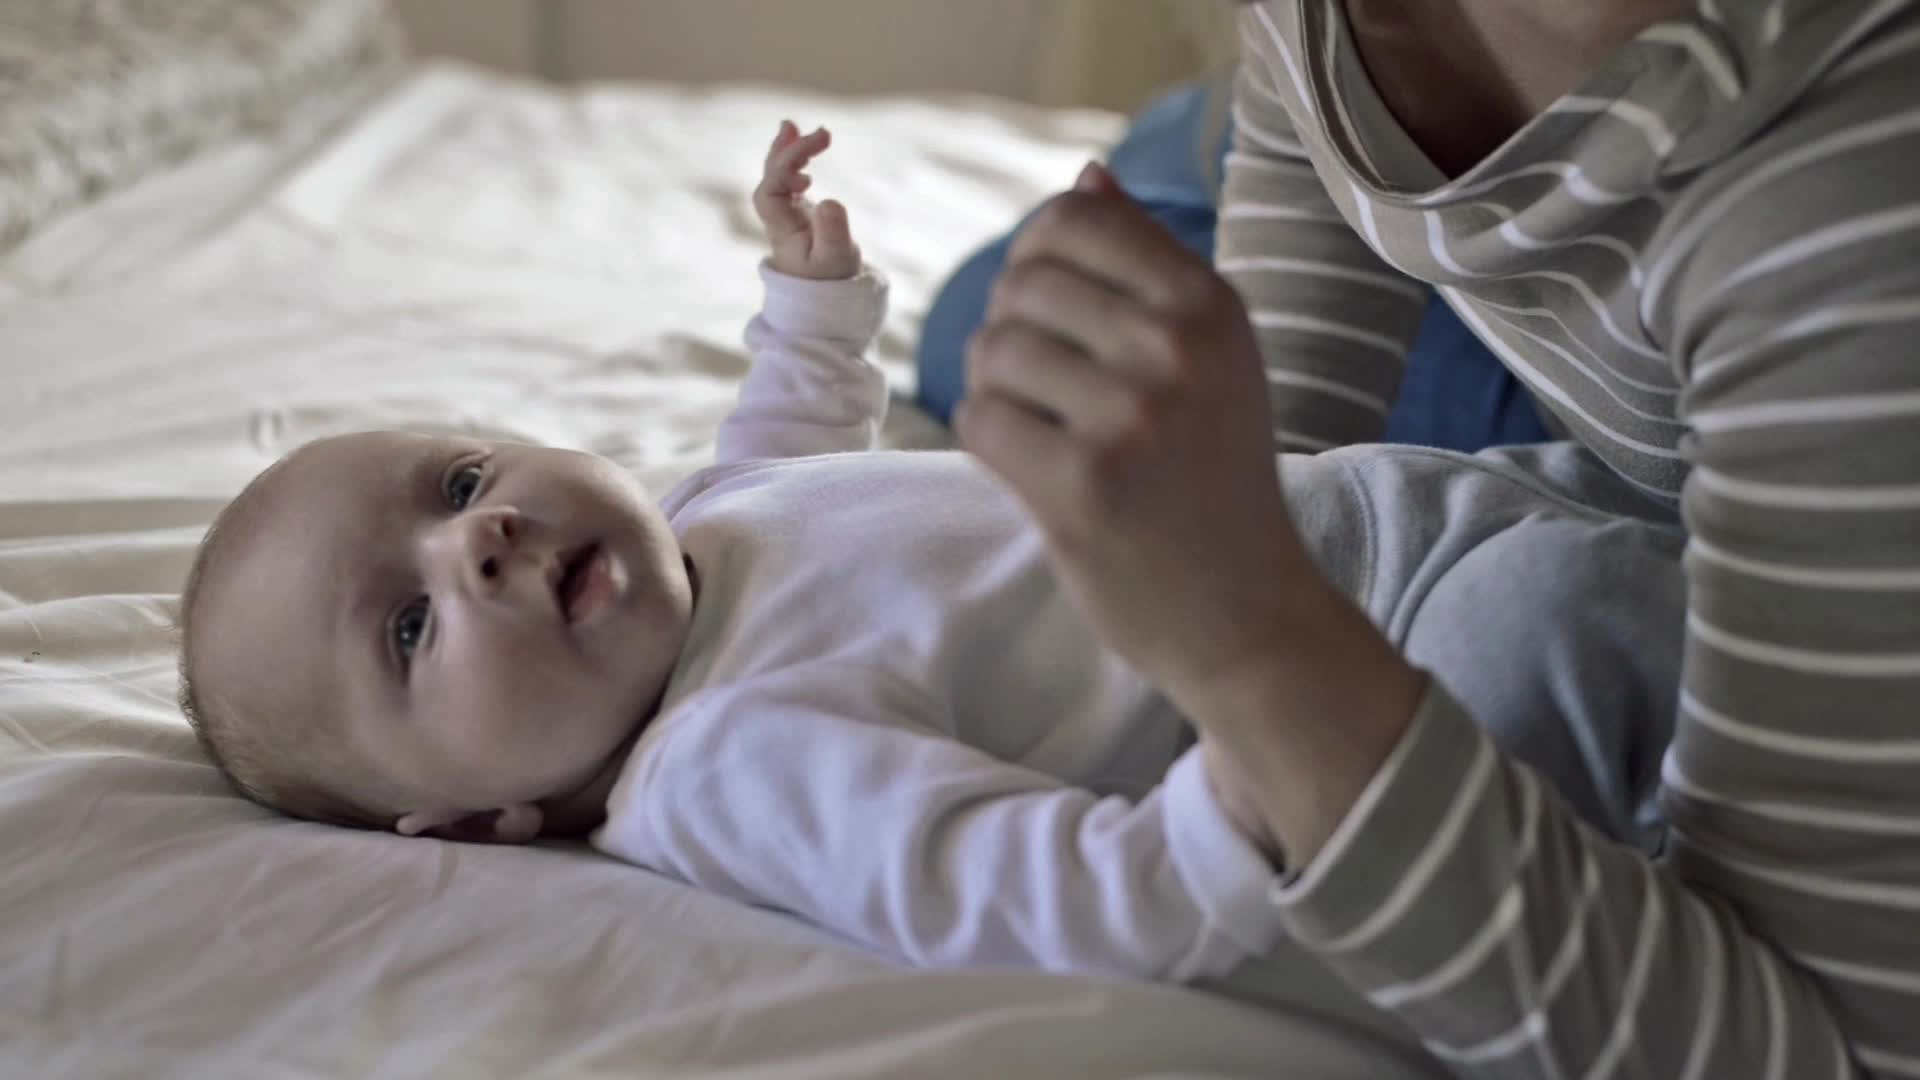 maman bébé sur un lit